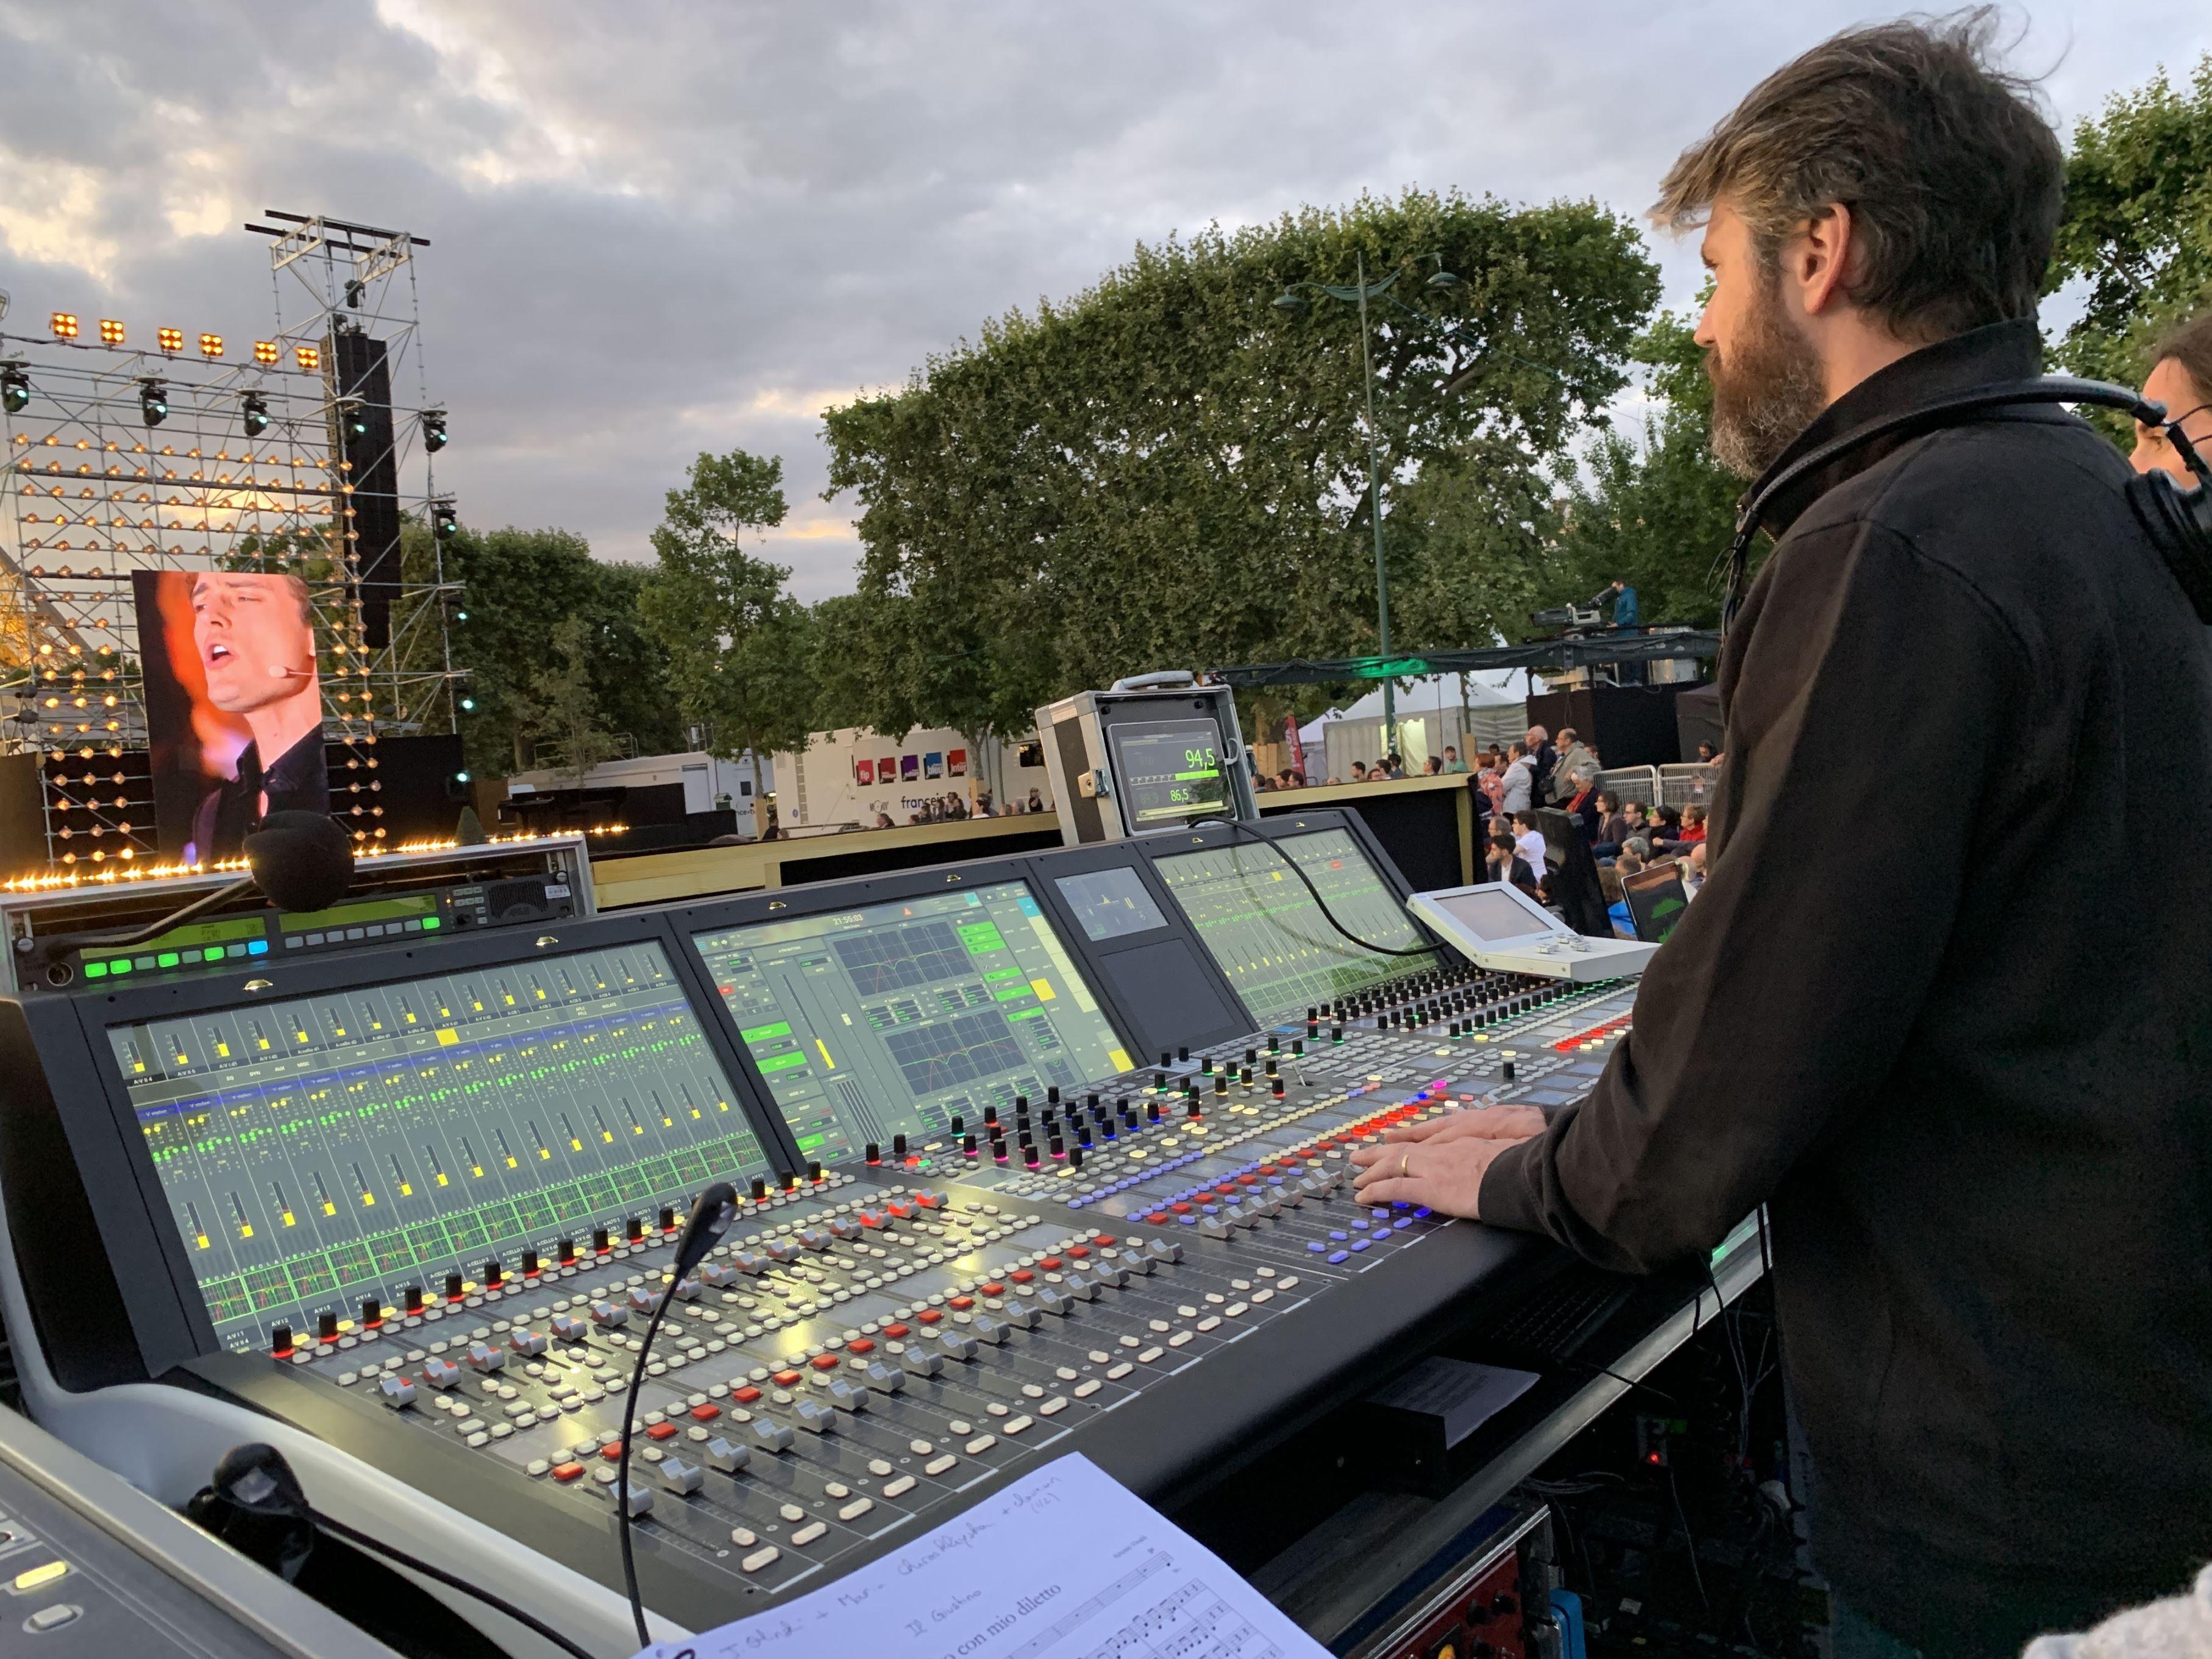 Le Concert de Paris aura mobilisé 200 musiciens et 450 techniciens